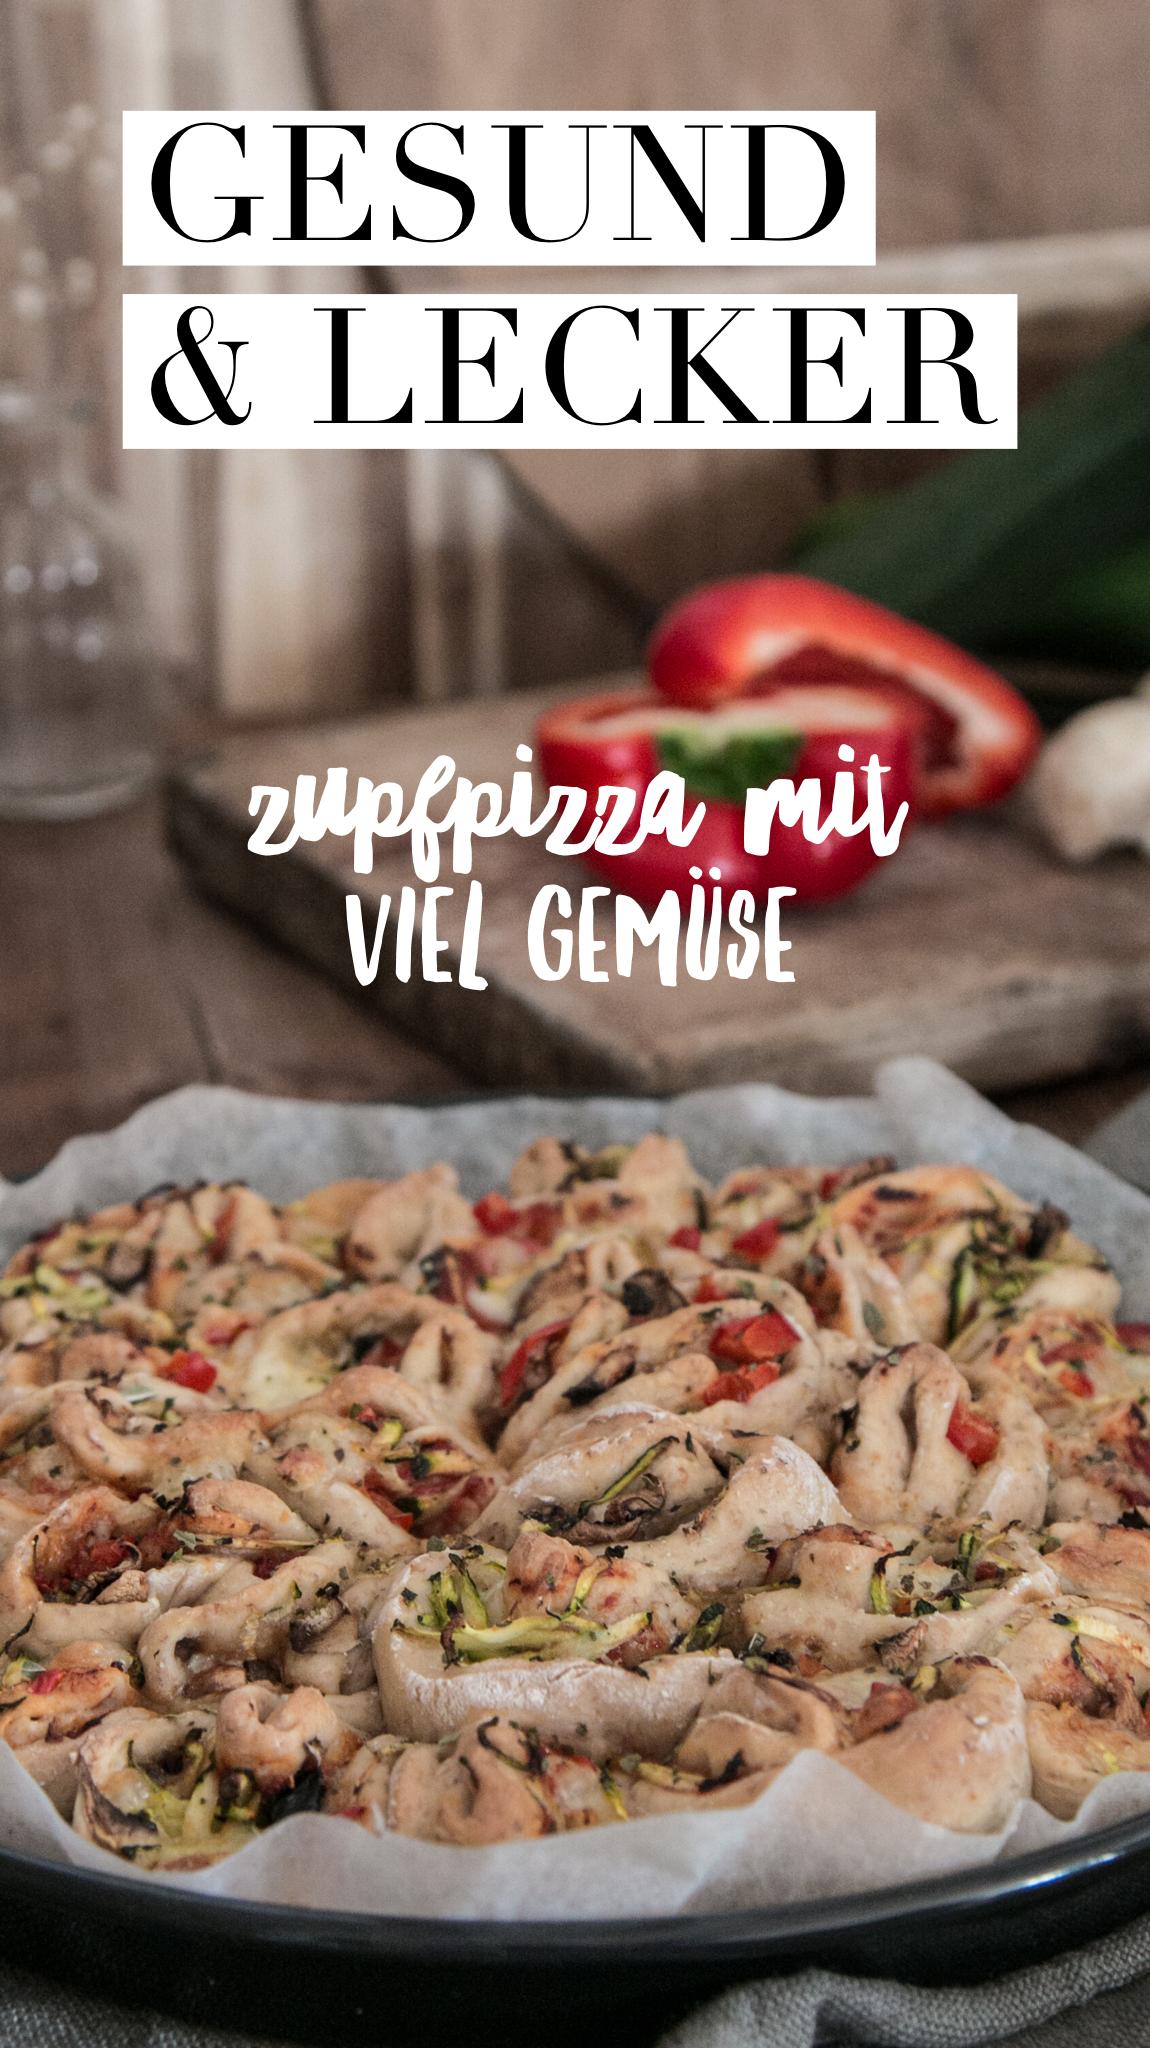 Zupfpizza mit Gemüse